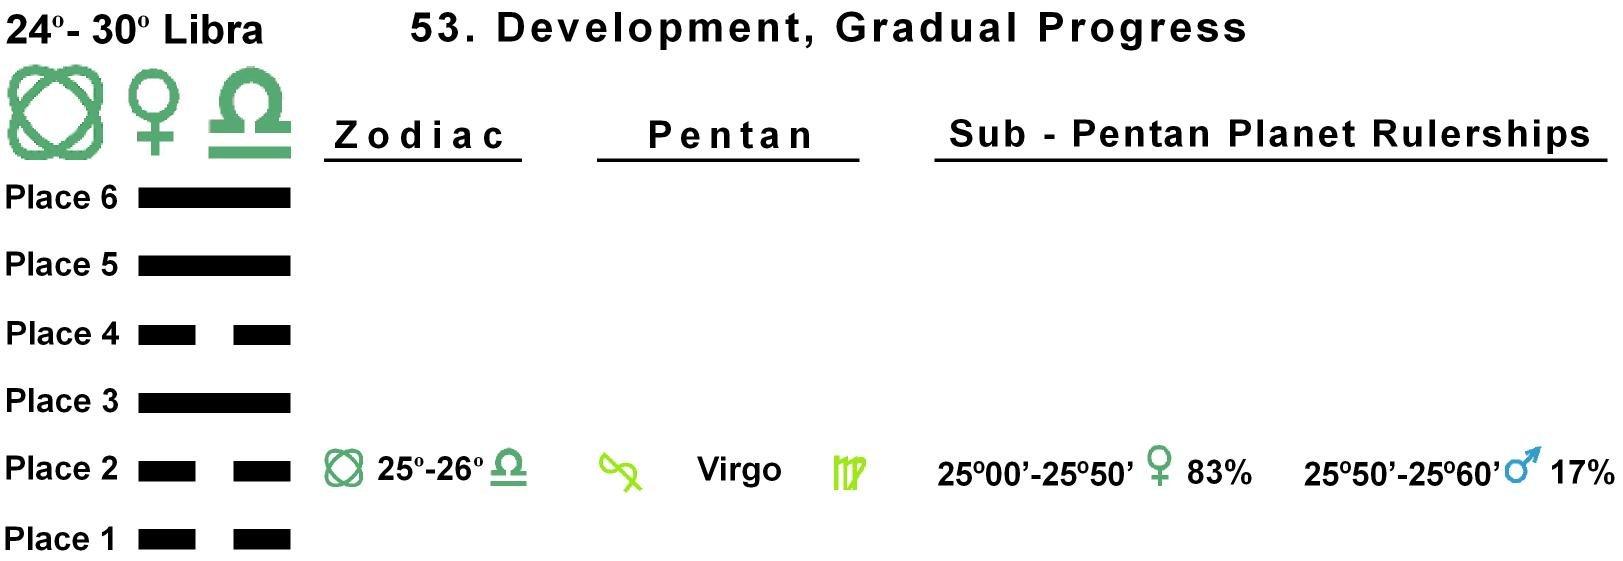 Pent-lines-07LI 25-26 Hx-53 Gradual Progress